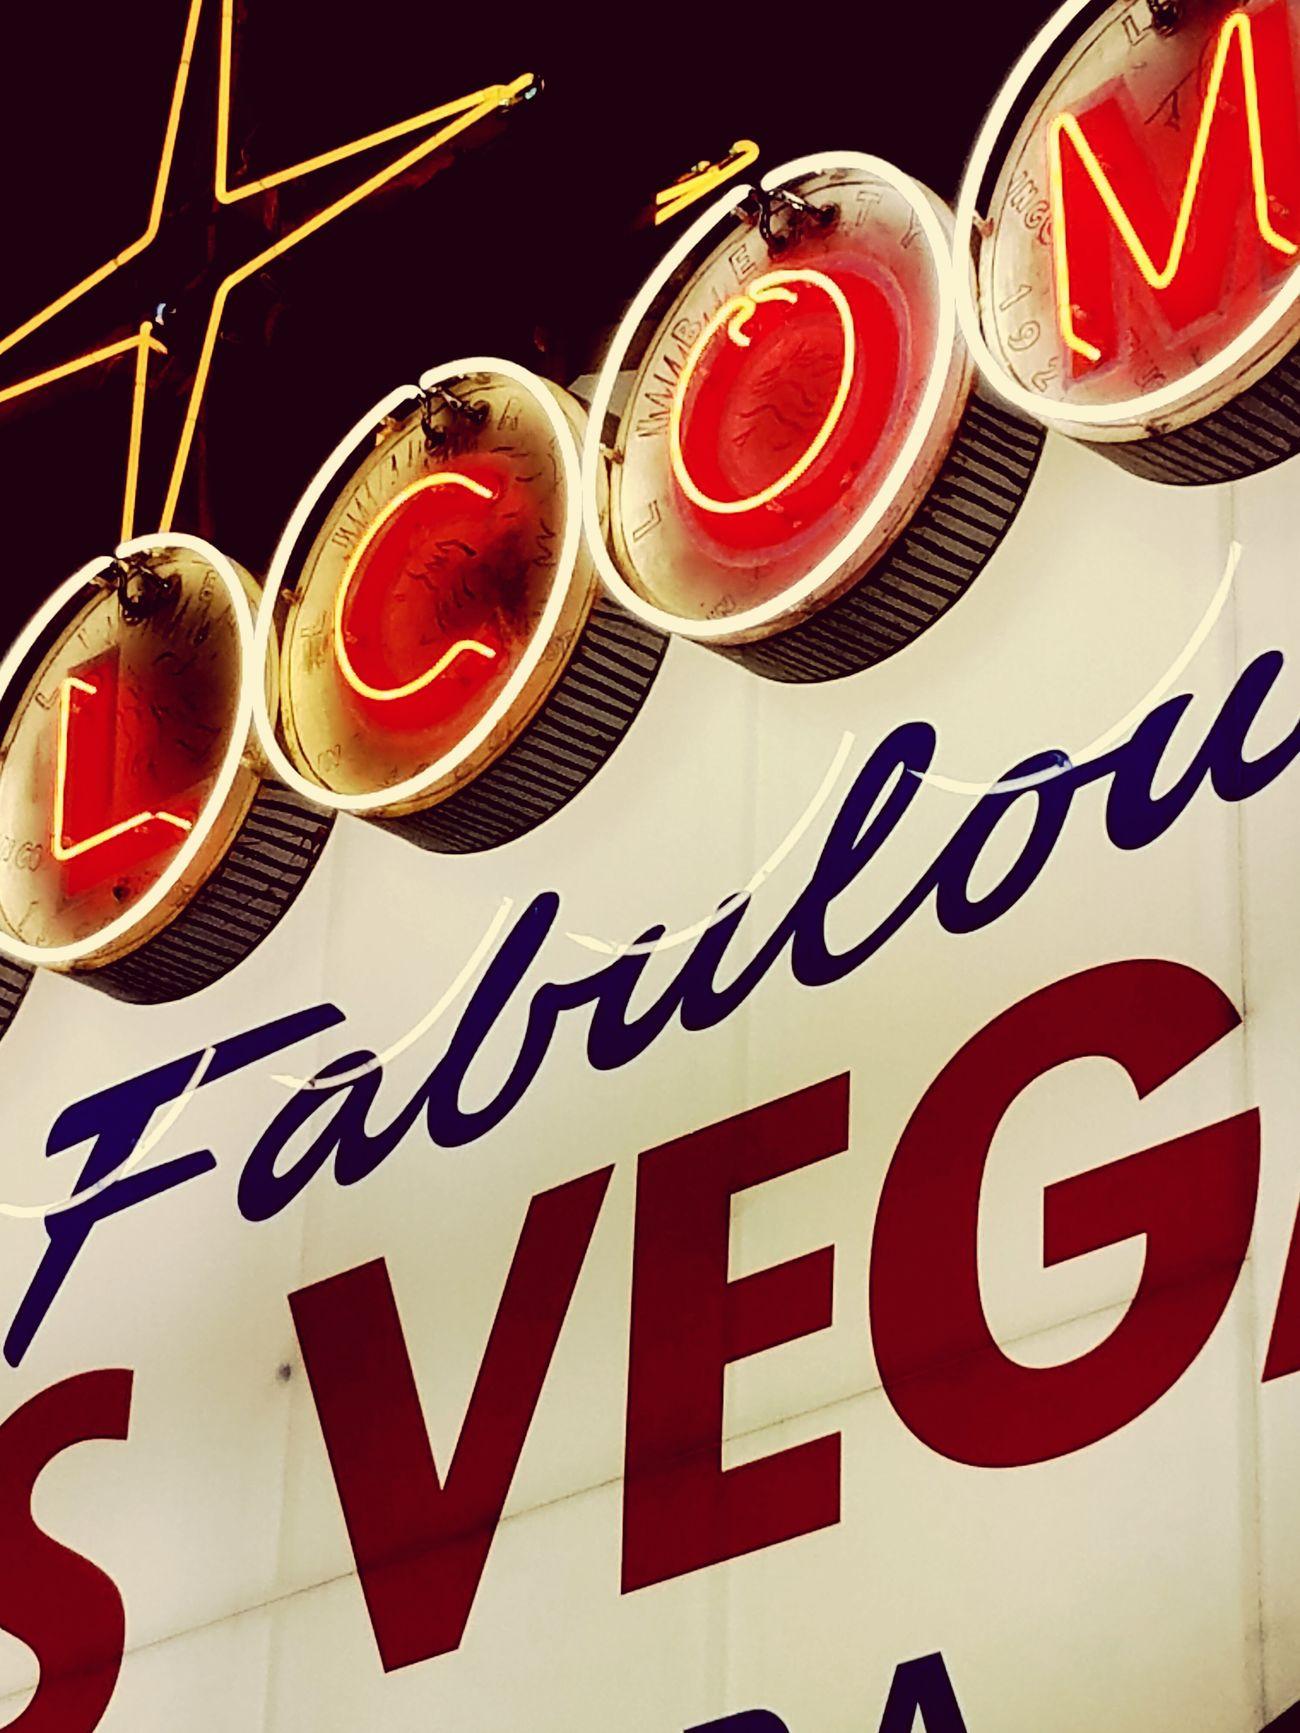 Las Vegas Las Vegas At Night Las Vegas ♥ Las Vegas NV Las Vegas Nevada Las Vegas! Las Vegas Trip Las Vegas Sign Las Vegas Nightime Sign Signs Signage Neon Neon Lights Neon Sign Neon Color Neonlights Neon Colors Neonsigns Neonlight Neon Light Neons Neoncolors Neonsign Neon Signs